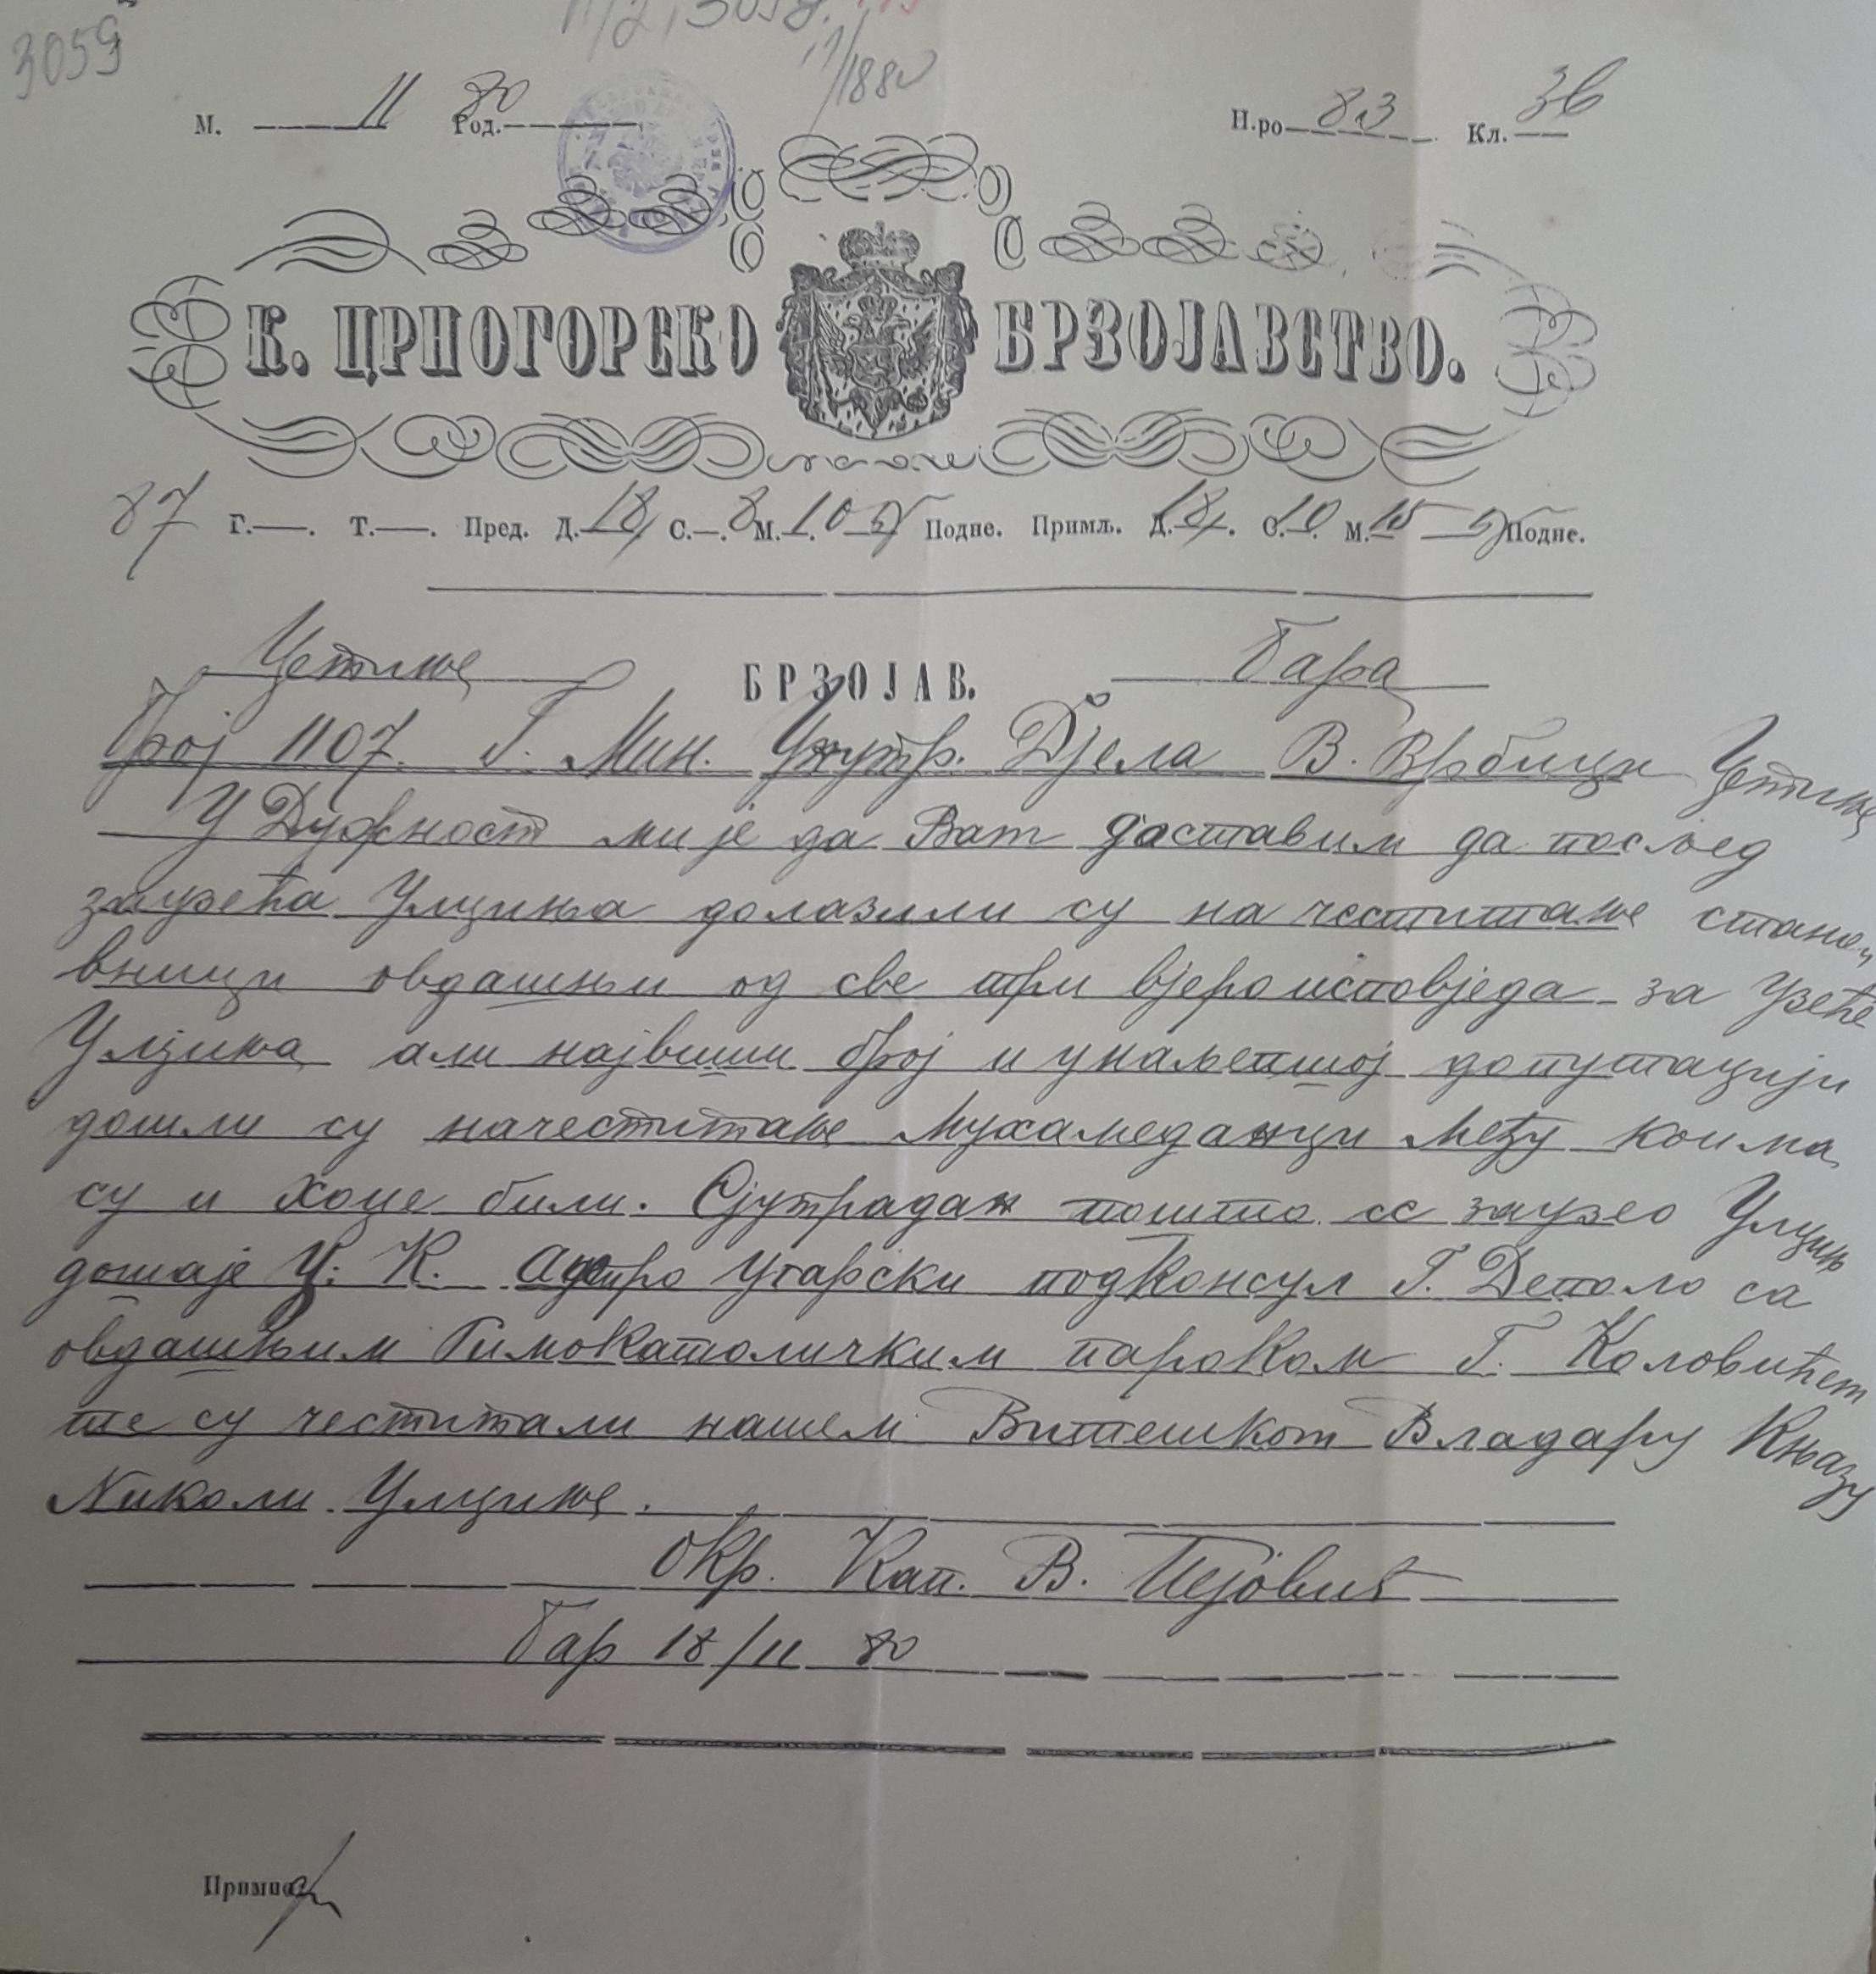 Čestitke istaknutih stanovnika Ulcinja novim vlastima, MUD, novembar 1880.